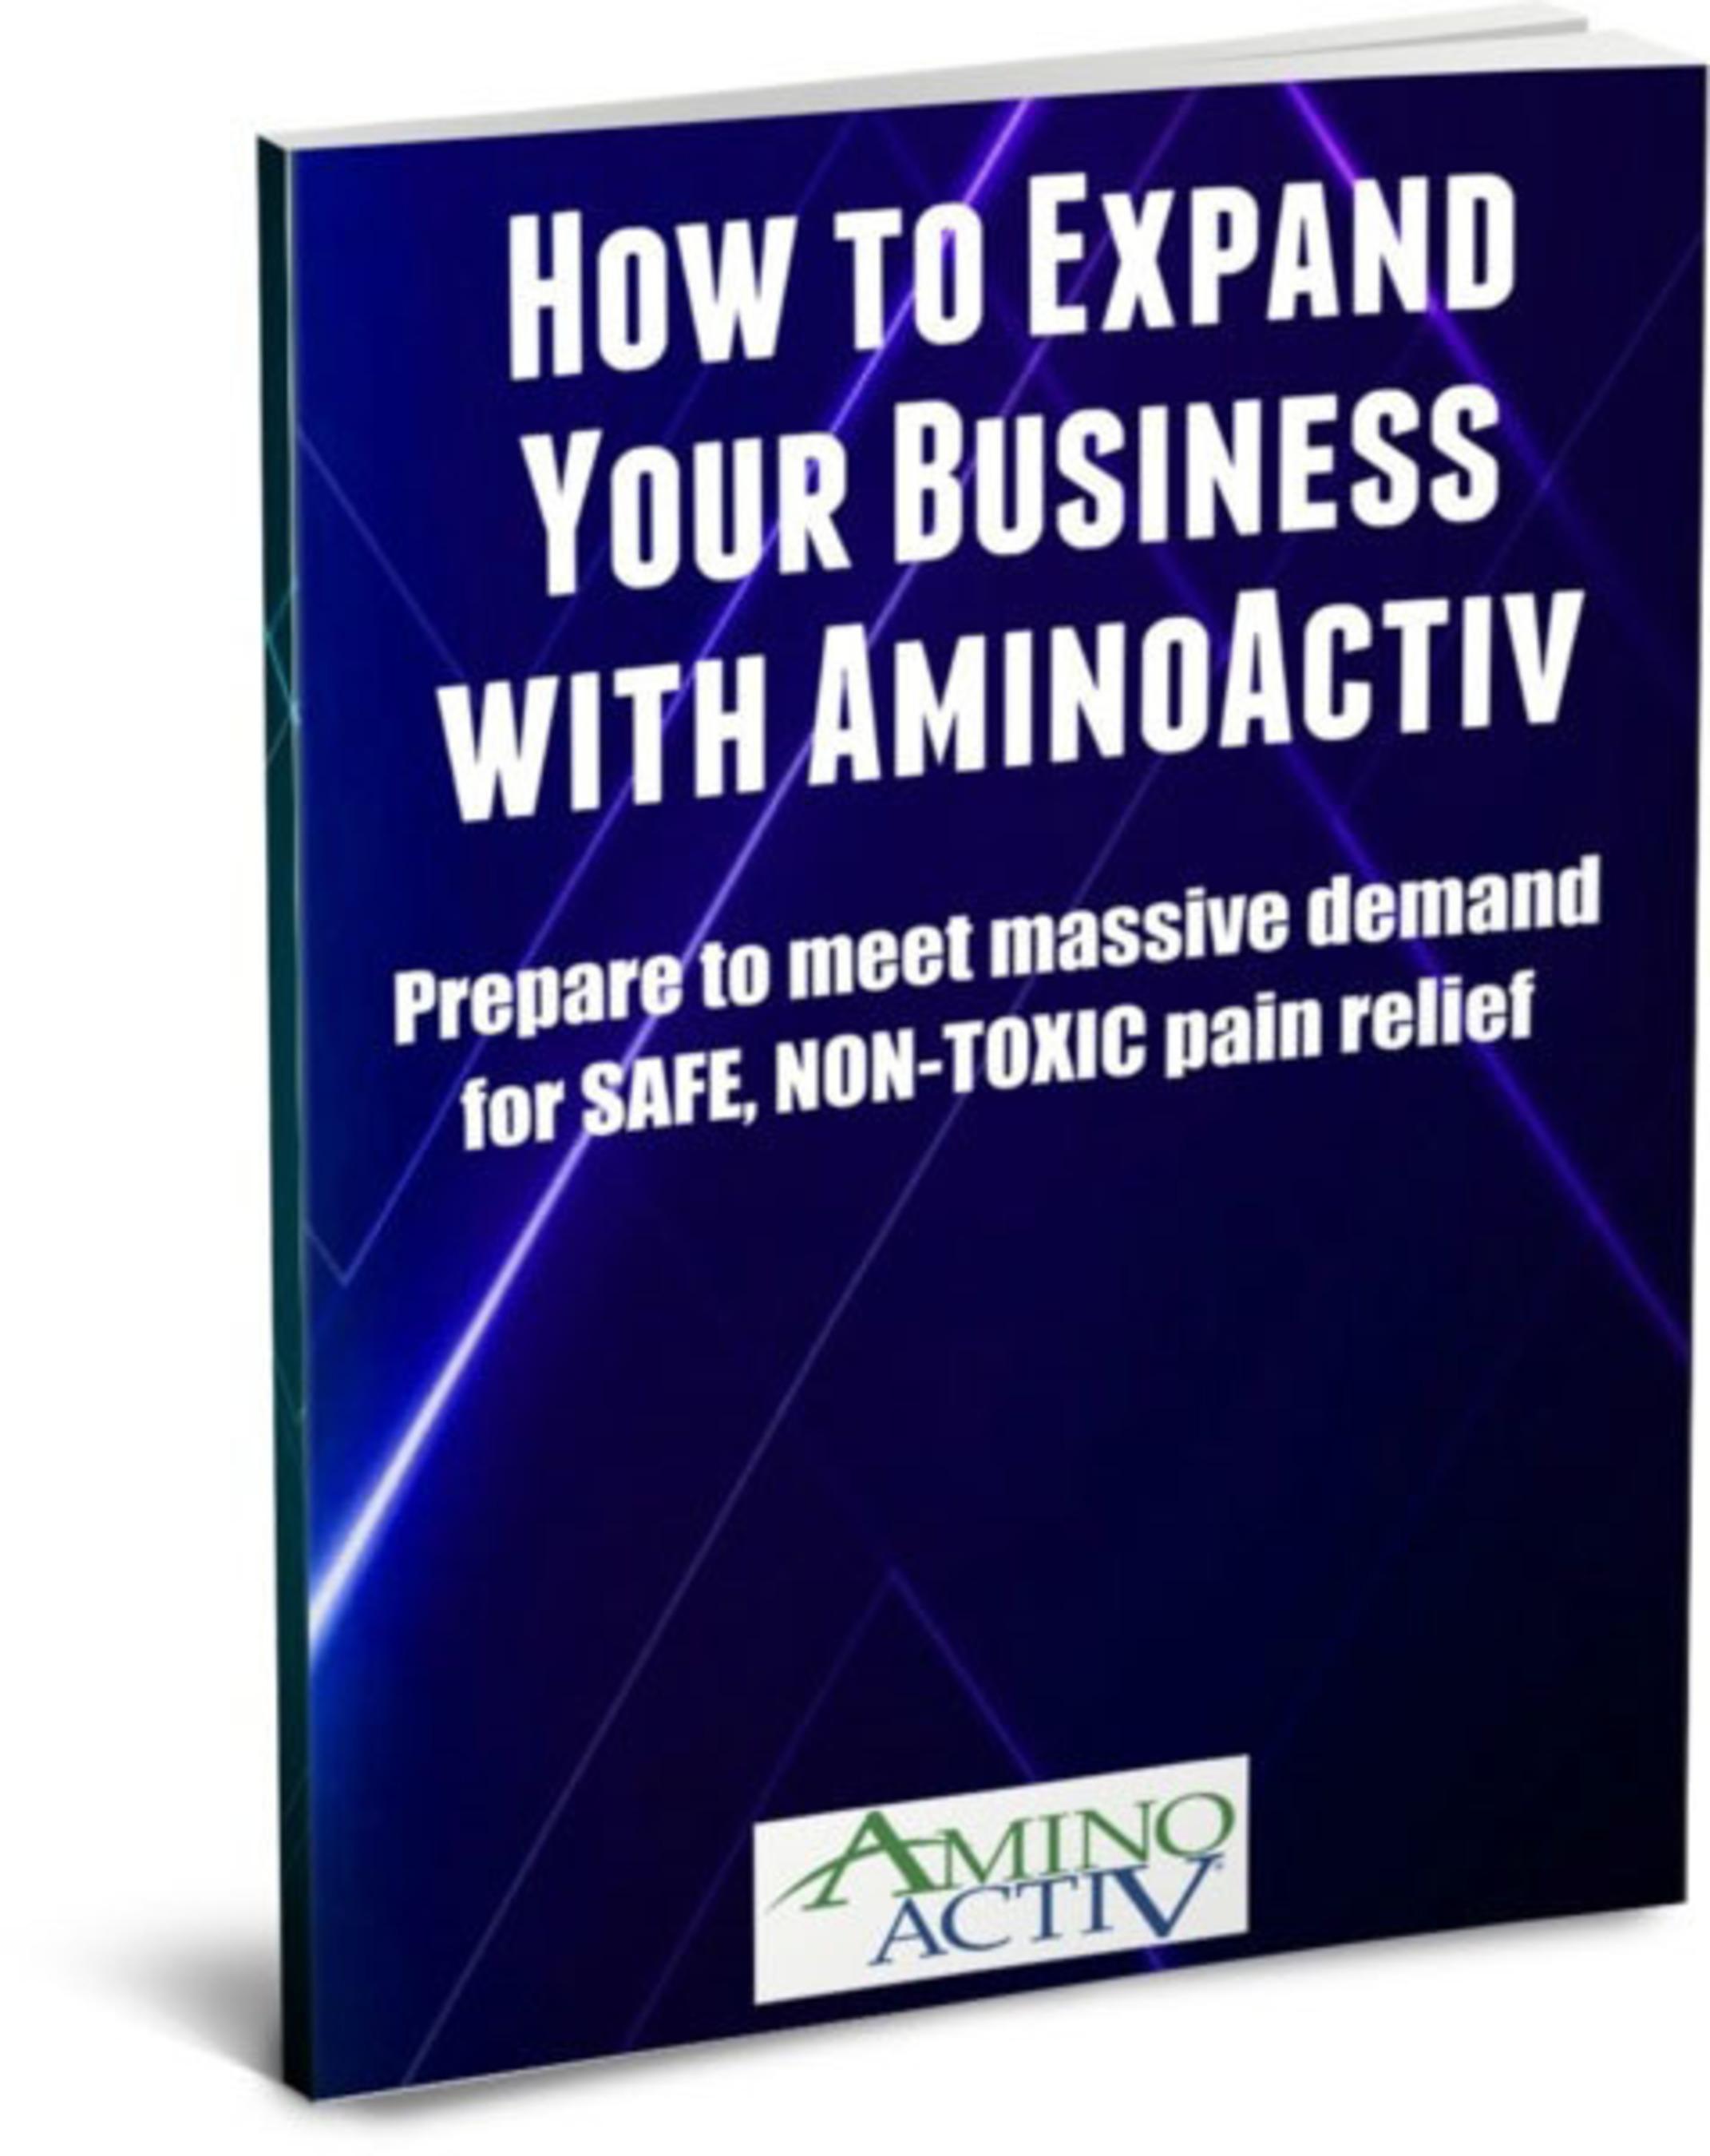 AminoActiv reseller ebook.  (PRNewsFoto/Vireo Systems, Inc.)